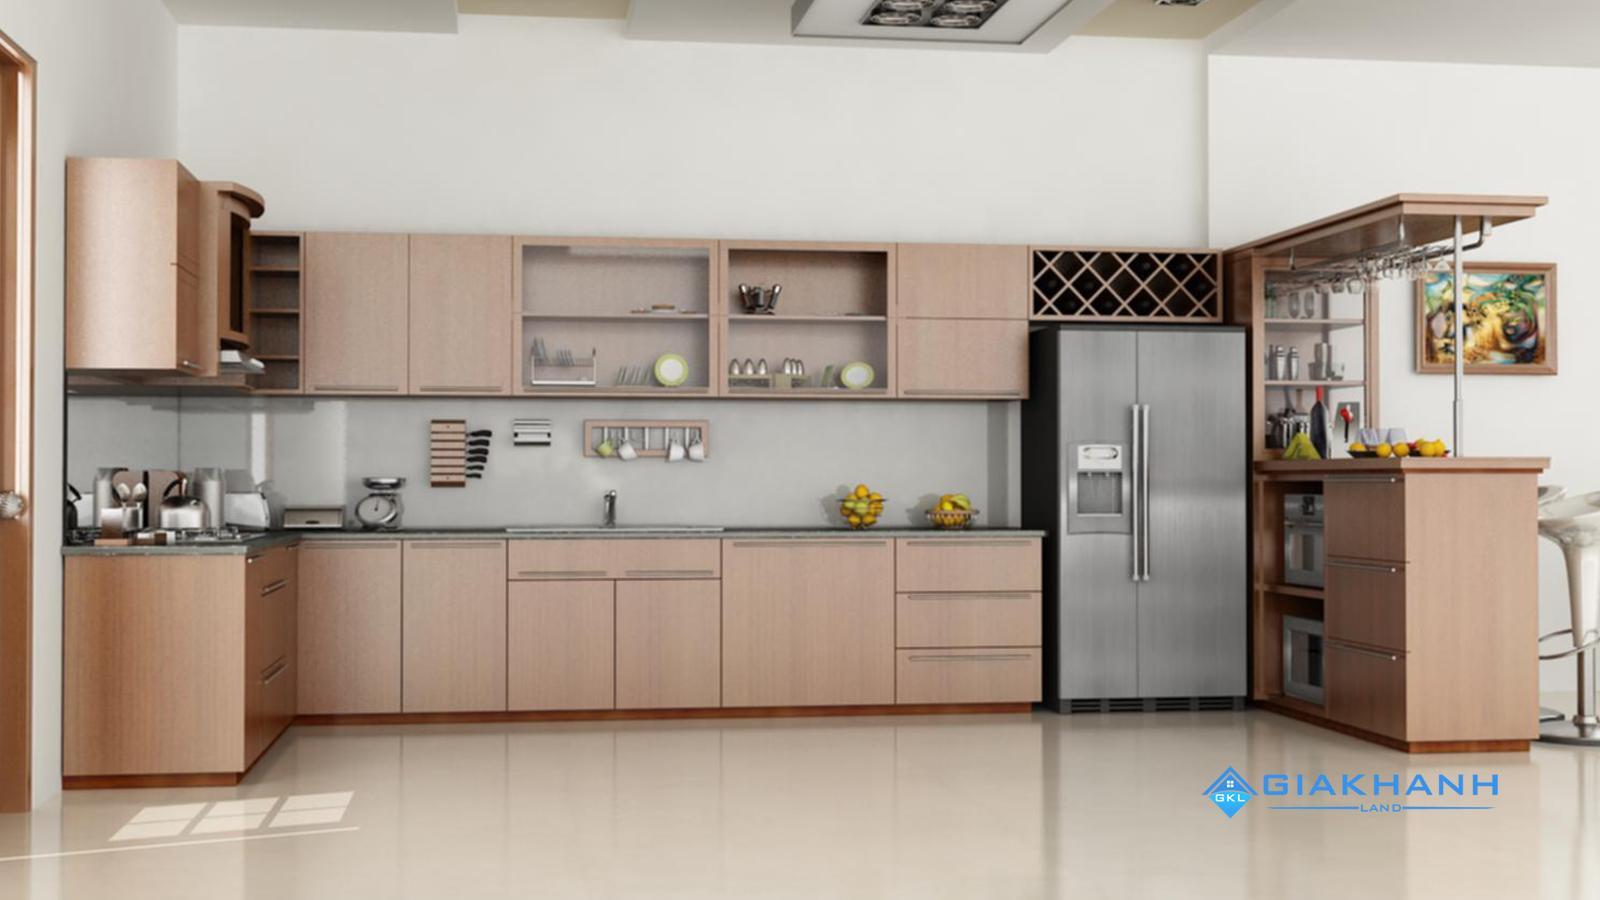 Tư vấn thiết kế tủ bếp trên của căn hộ saigonres plaza nguyễn xí